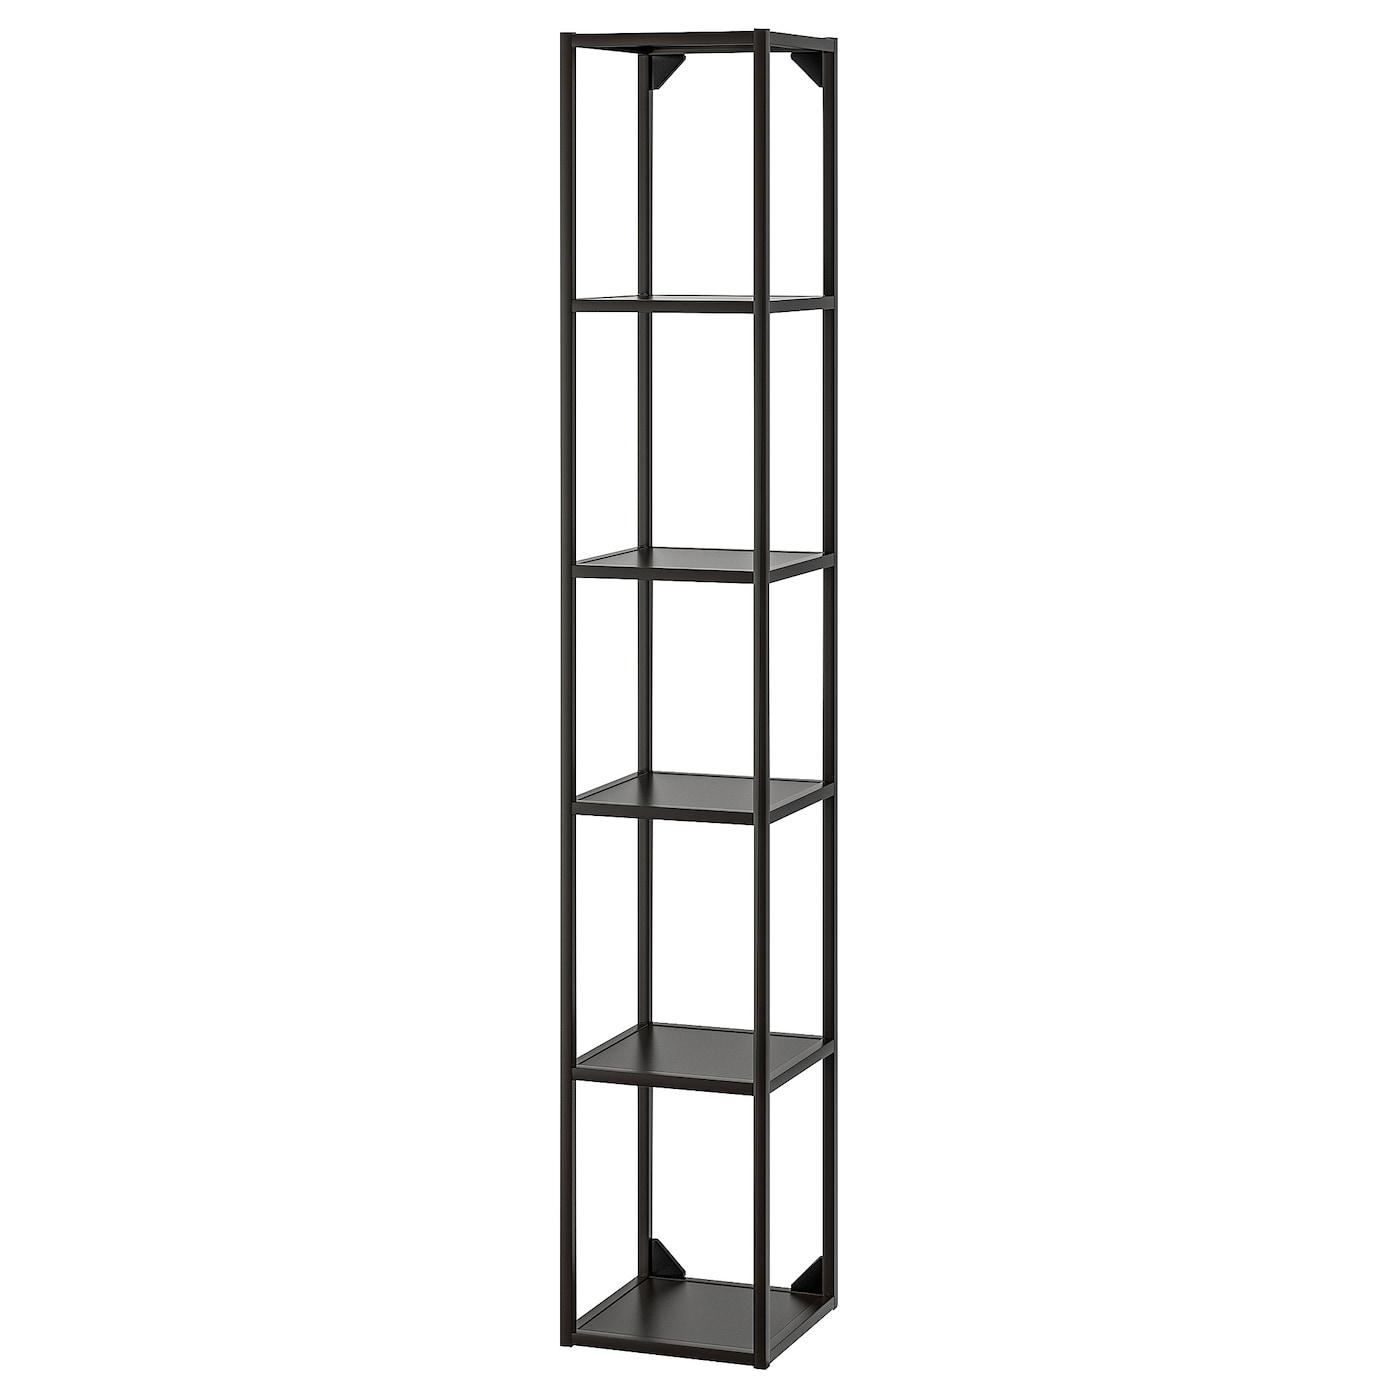 ENHET High fr w shelves anthracite 30x30x180 cm